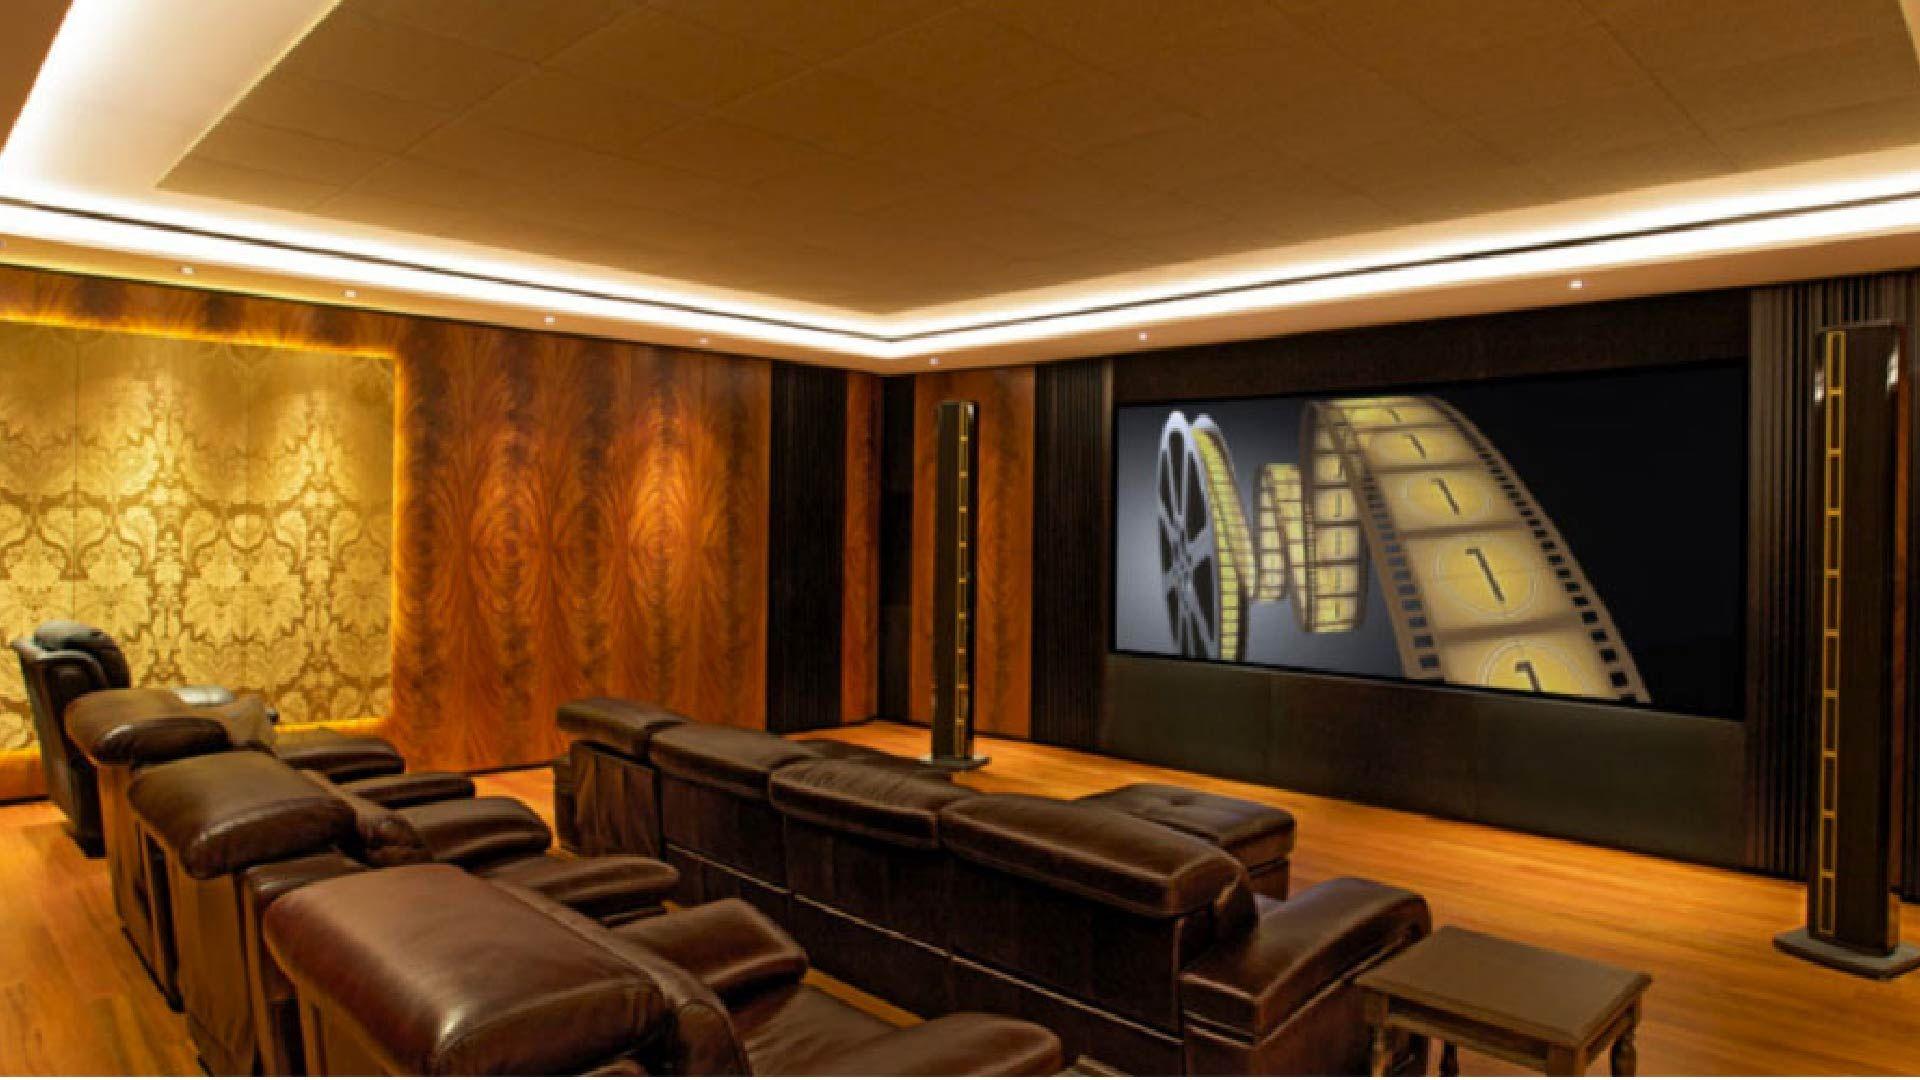 Sala de cine en casa buscar con google cosas para hacer pinterest cine en casa sala de - Sala de cine en casa ...